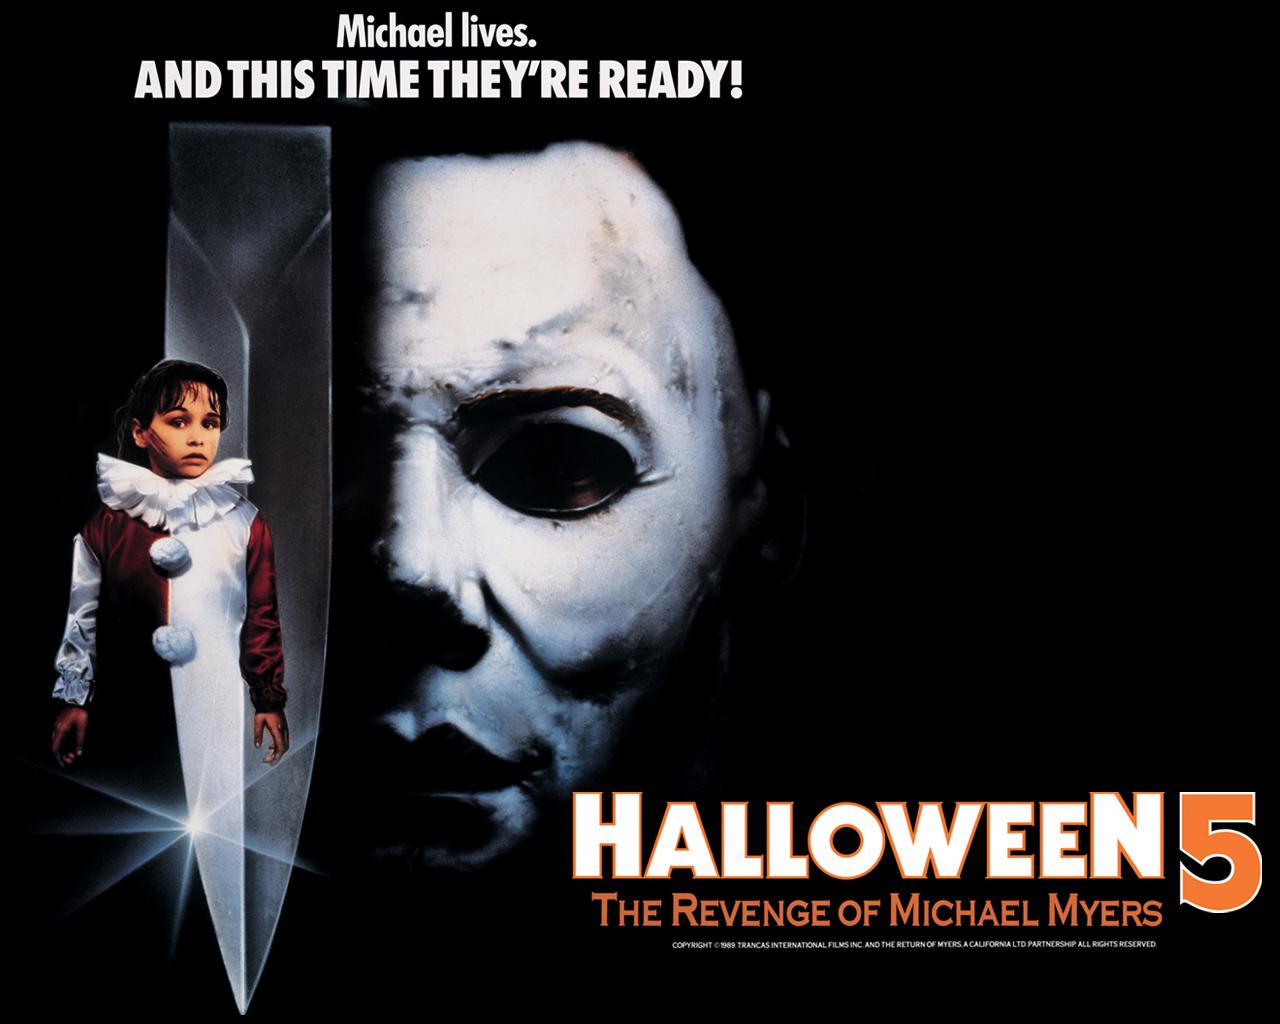 halloween 5 the revenge of michael myers 1989 horror film review - Halloween Video Game Michael Myers